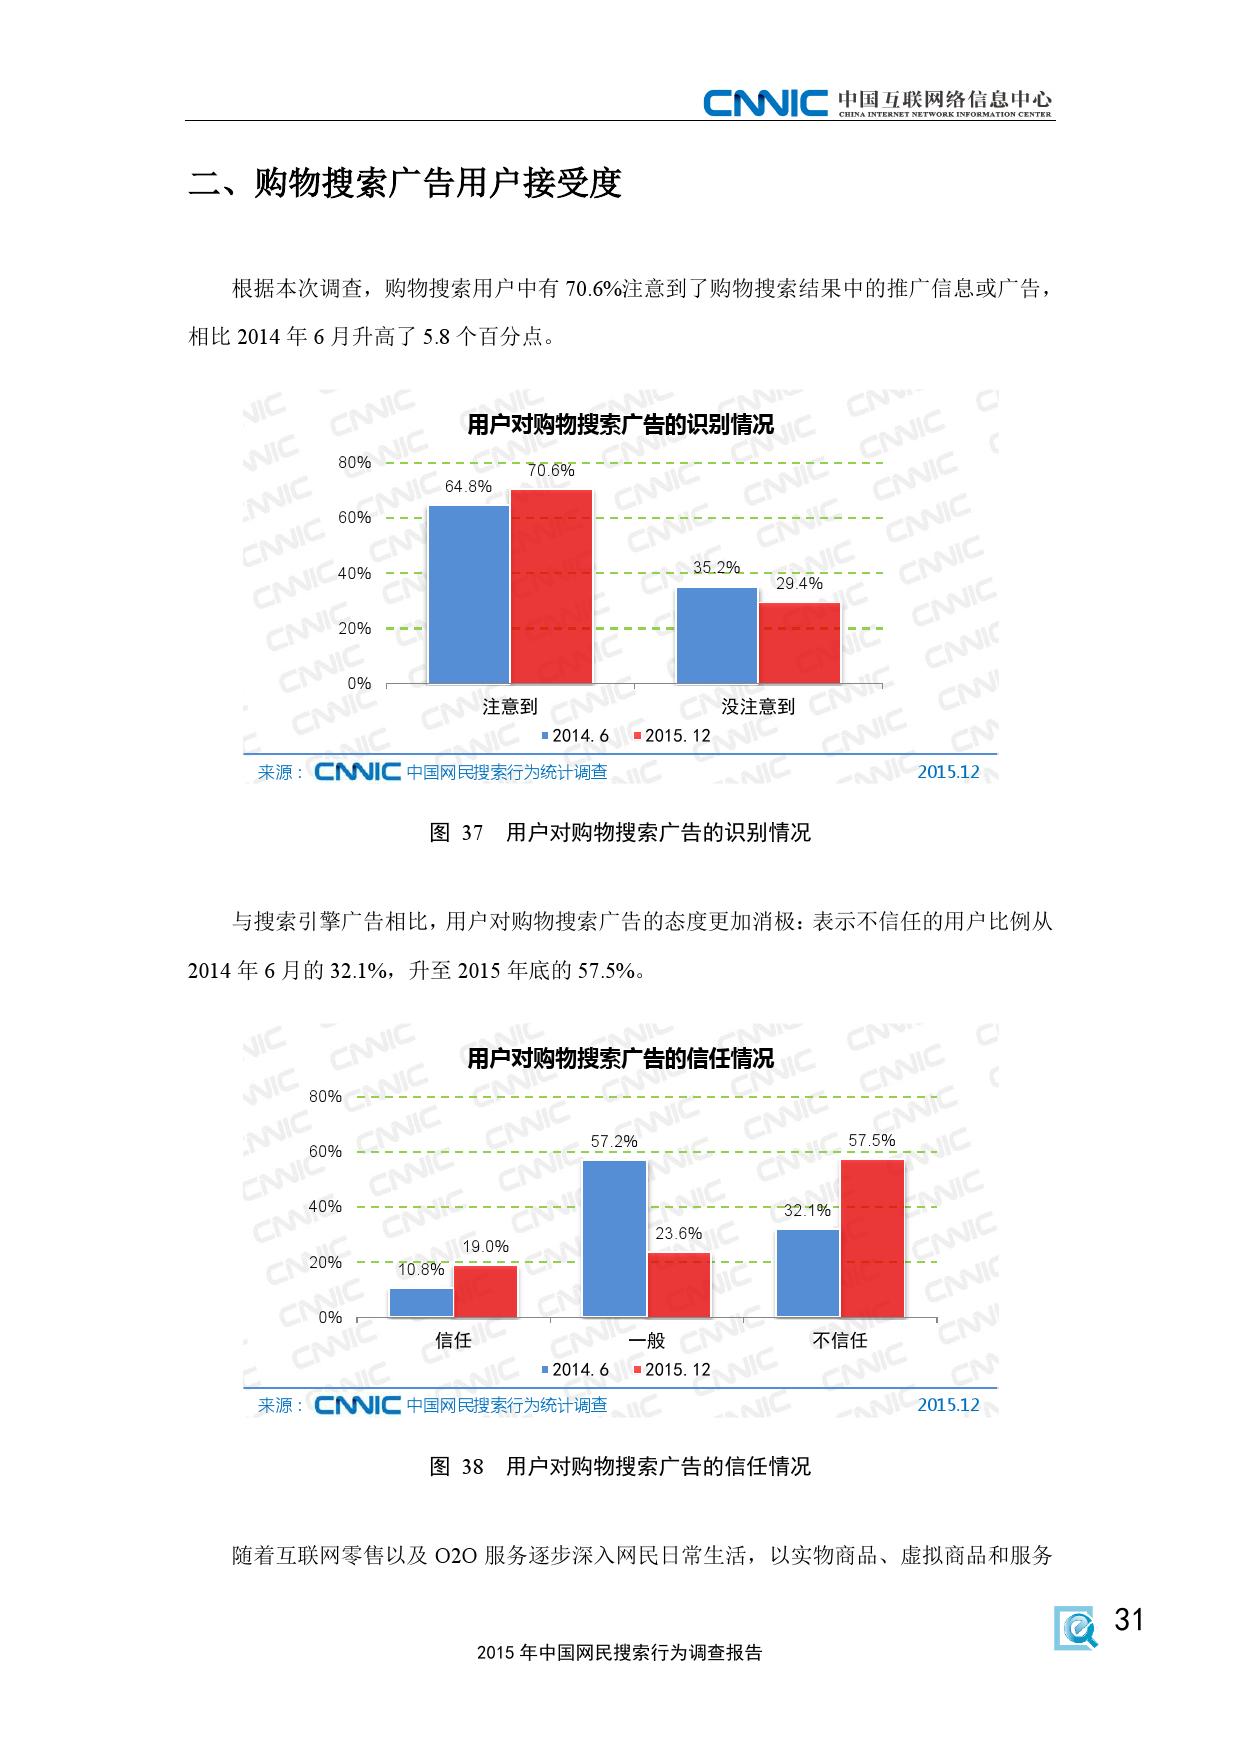 CNNIC:2015年中国网民搜索行为调查_000039